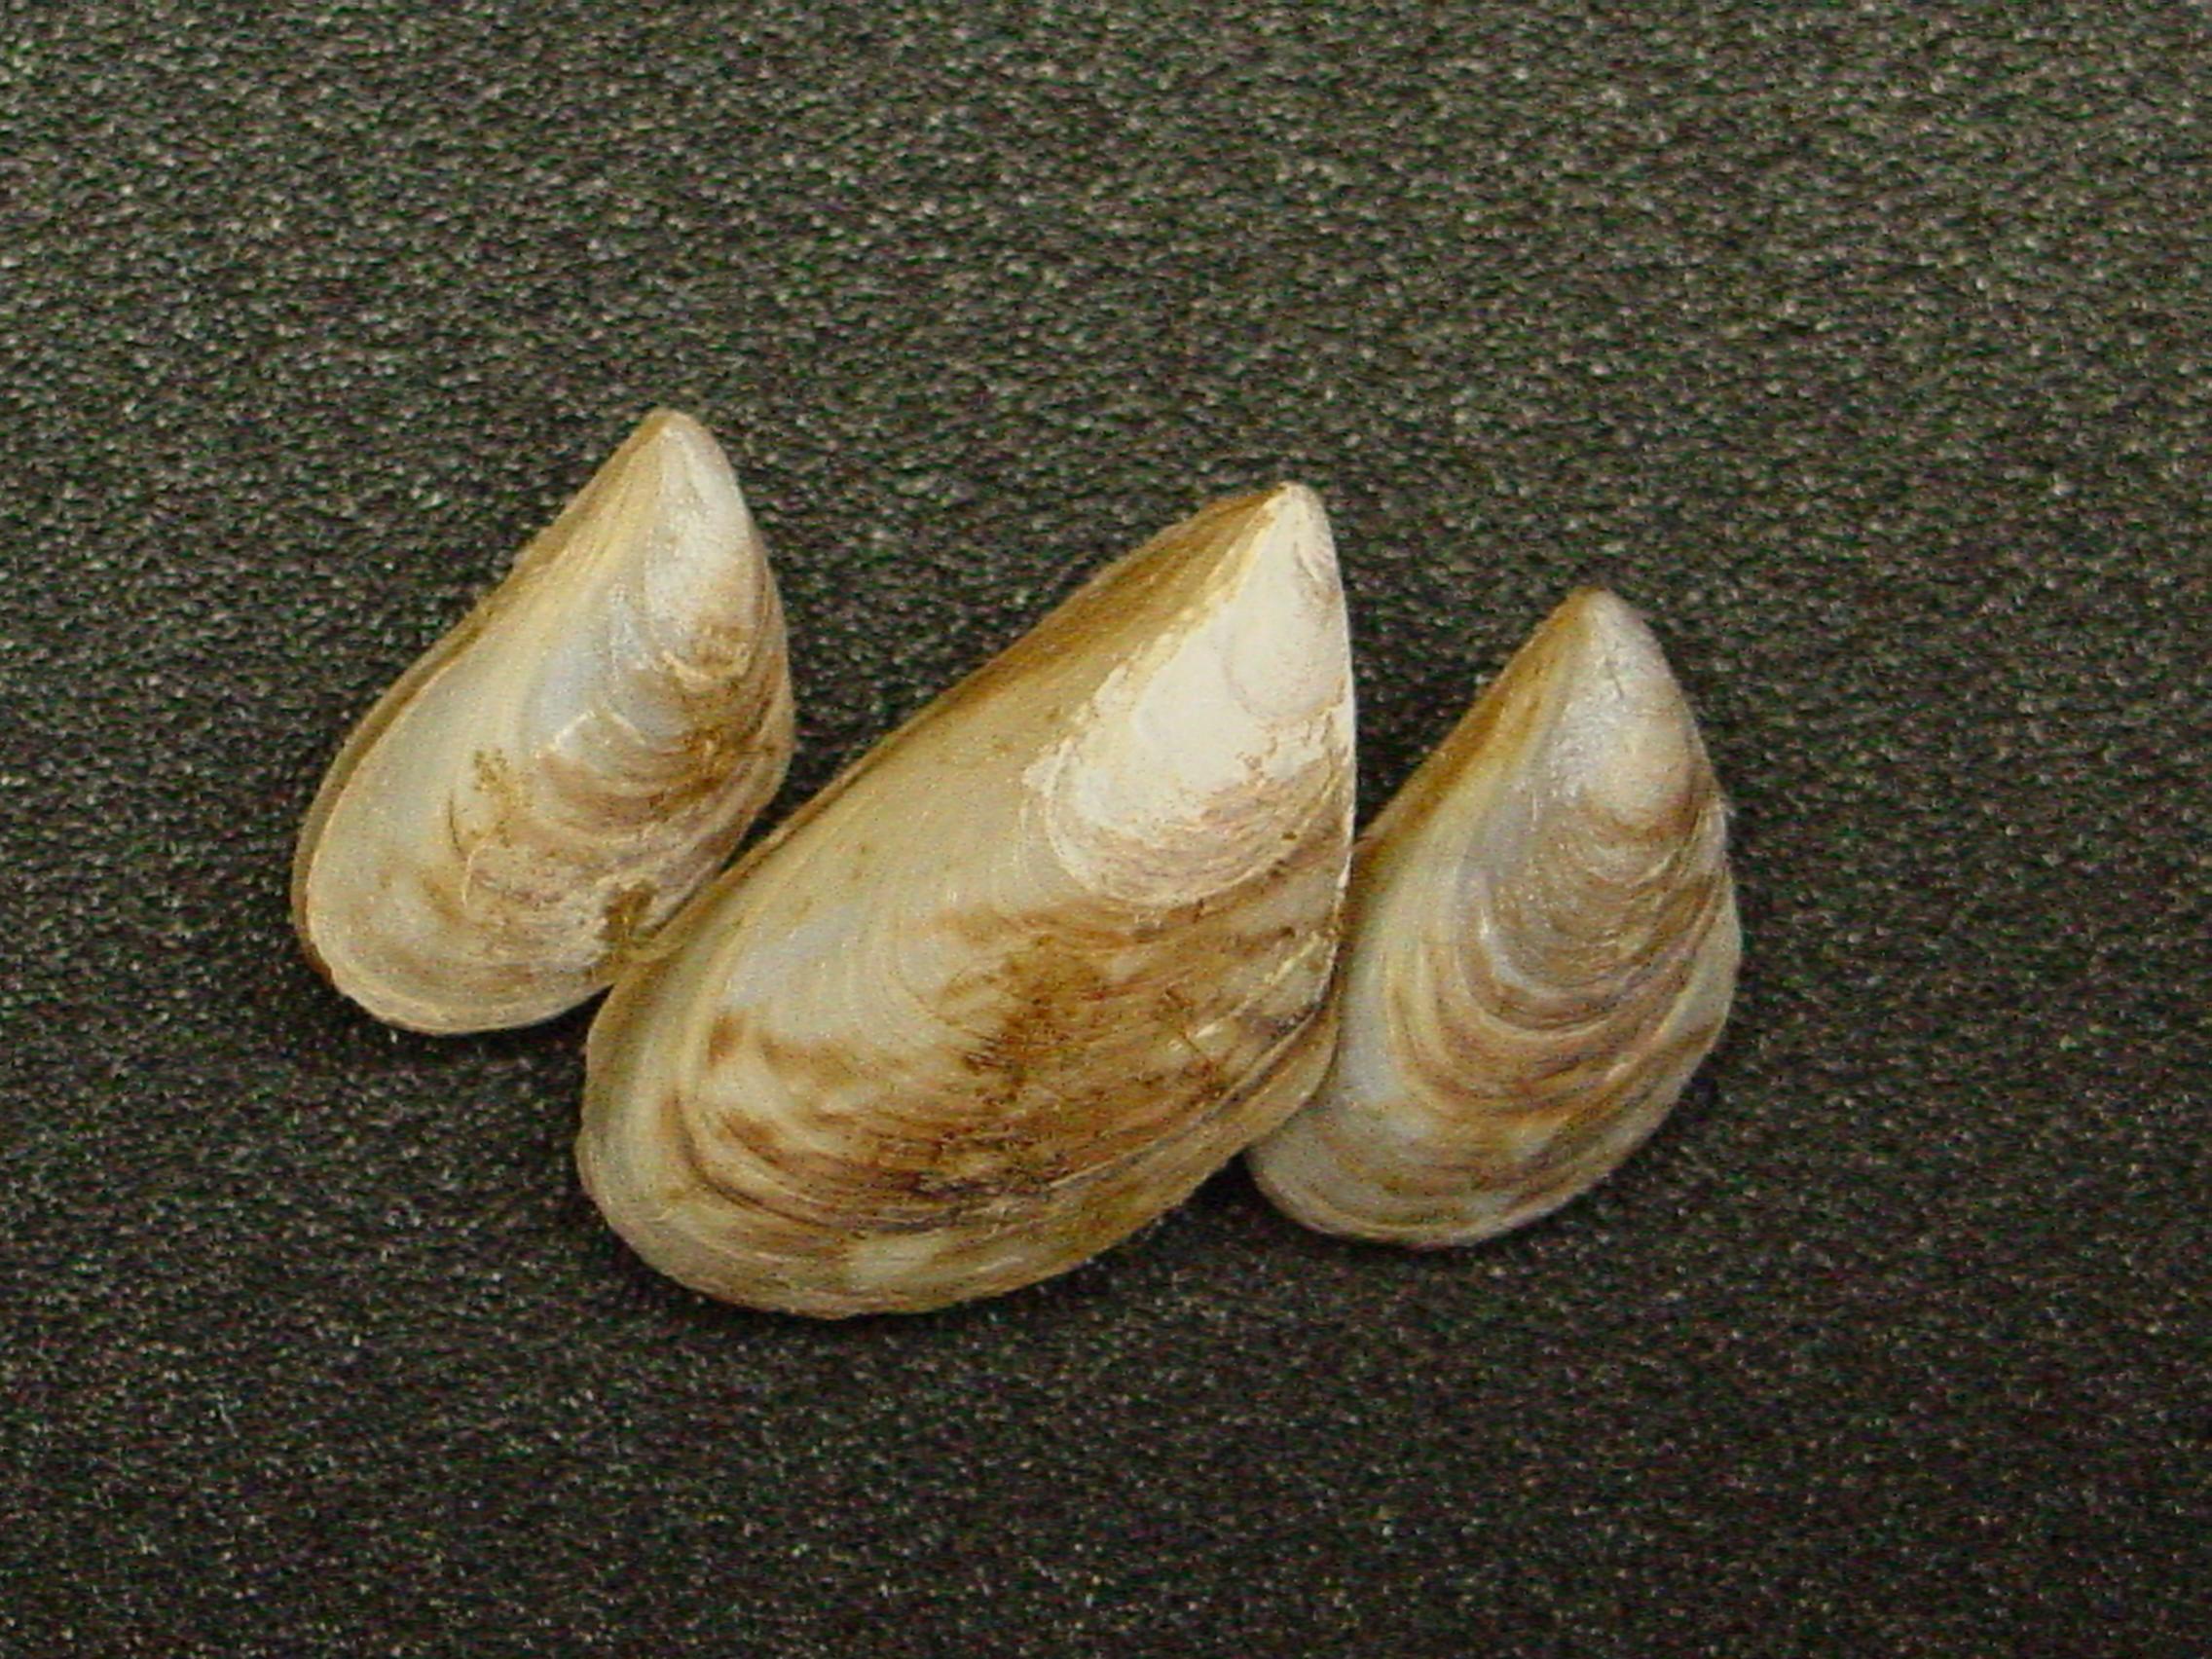 Zebra Mussel vs. Quagga Mussel Images